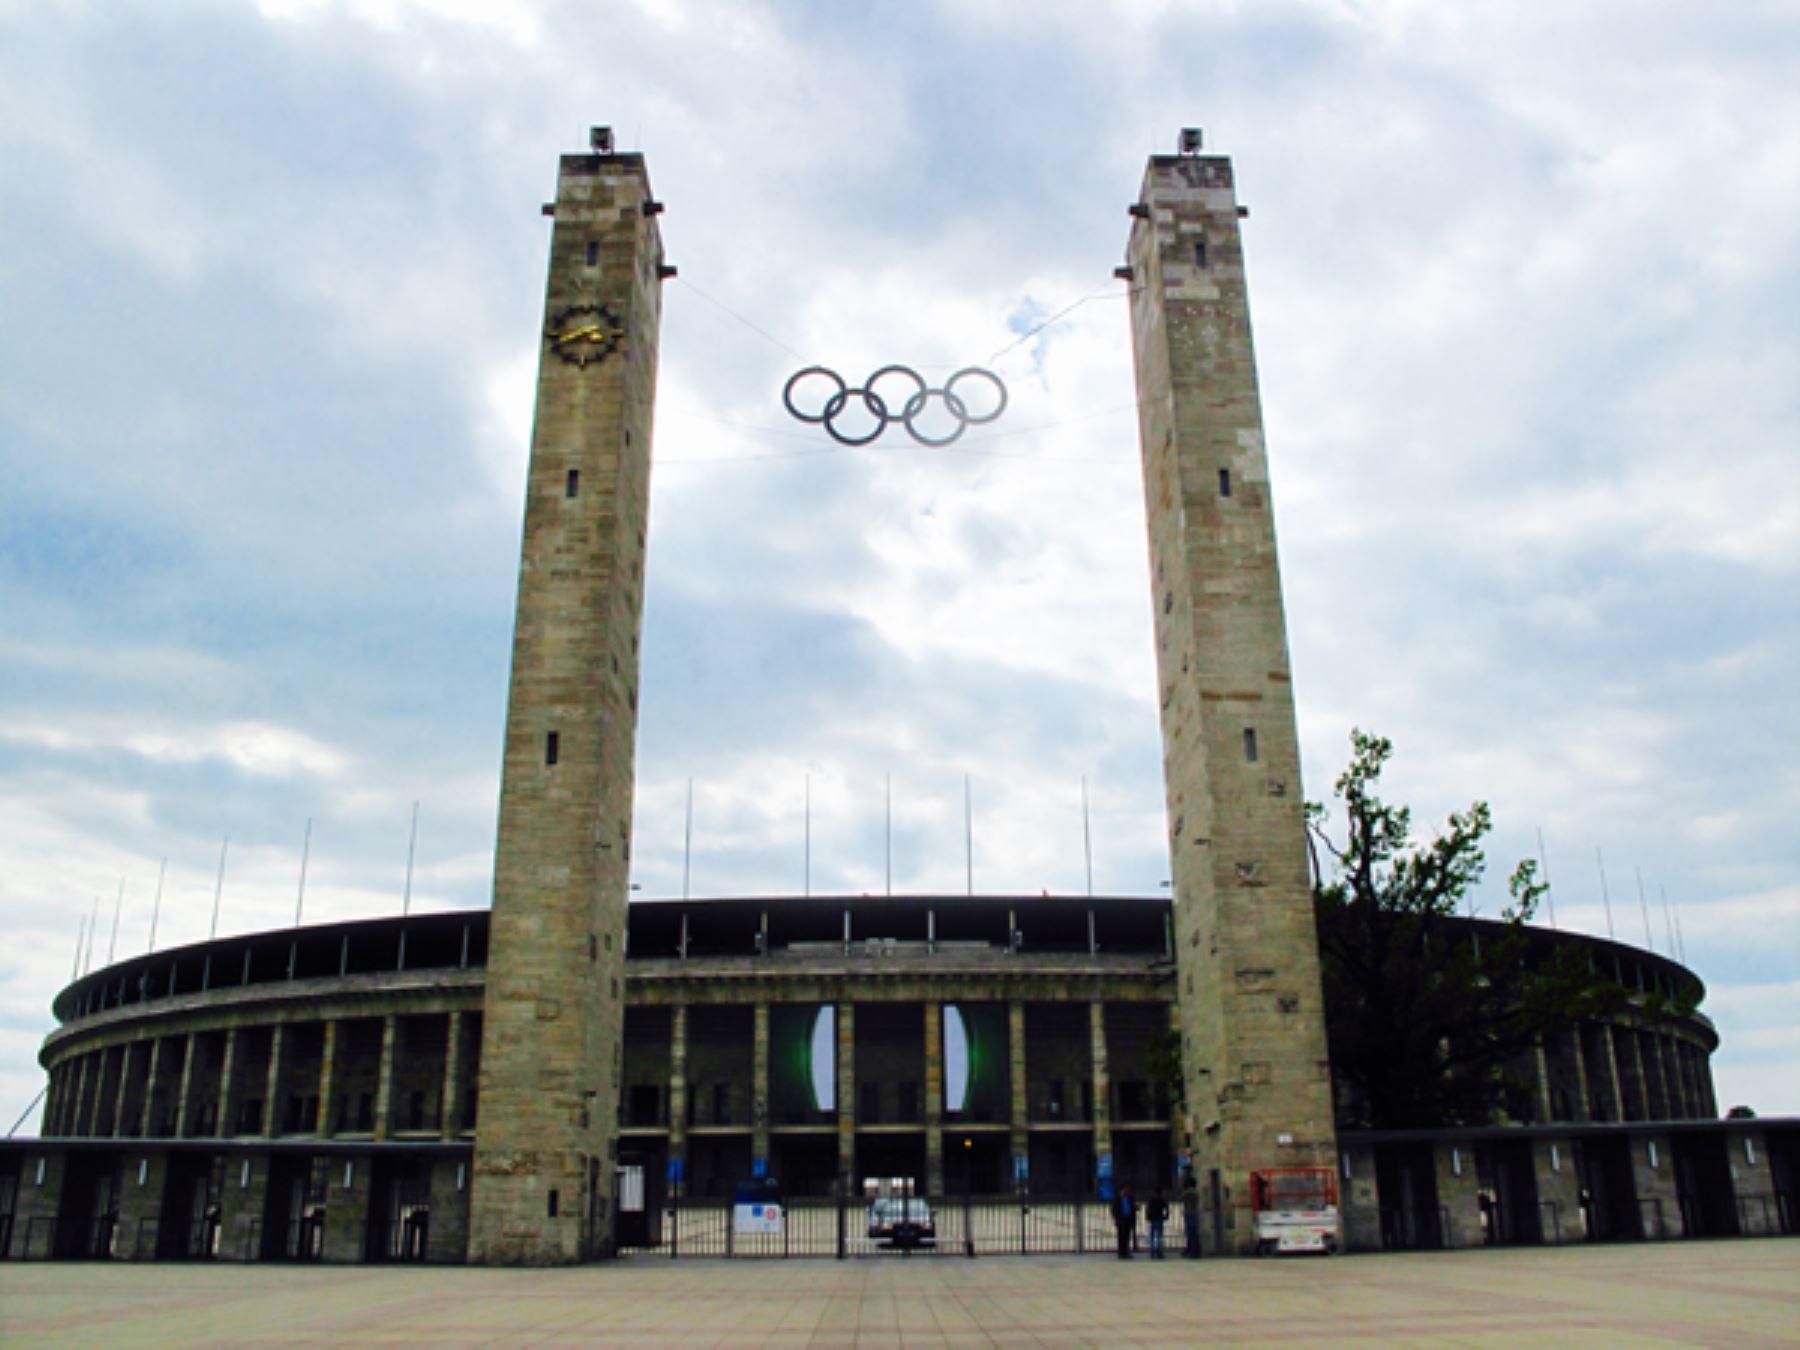 Puerta principal del Estadio Olímpico de Berlín. Foto: INTERNET / Medios